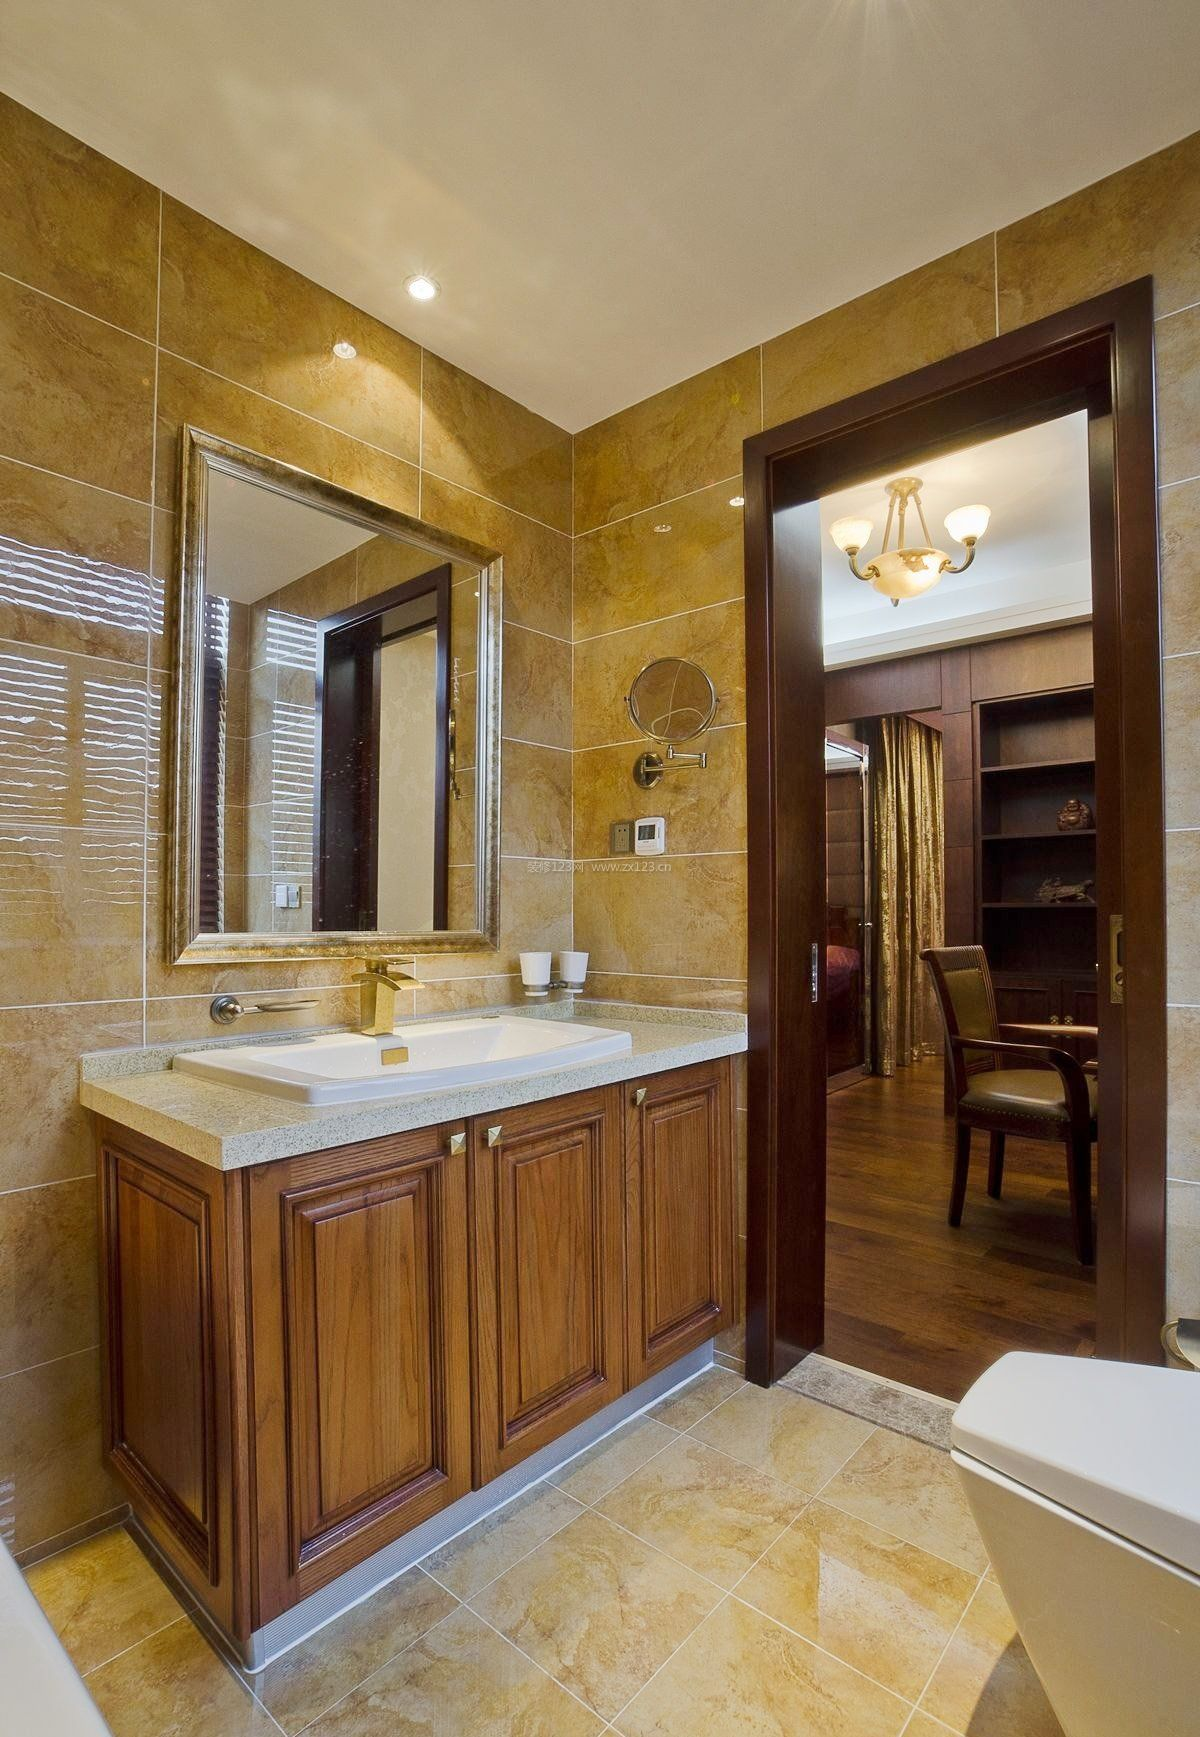 中式风格厕所浴室柜装修效果图片